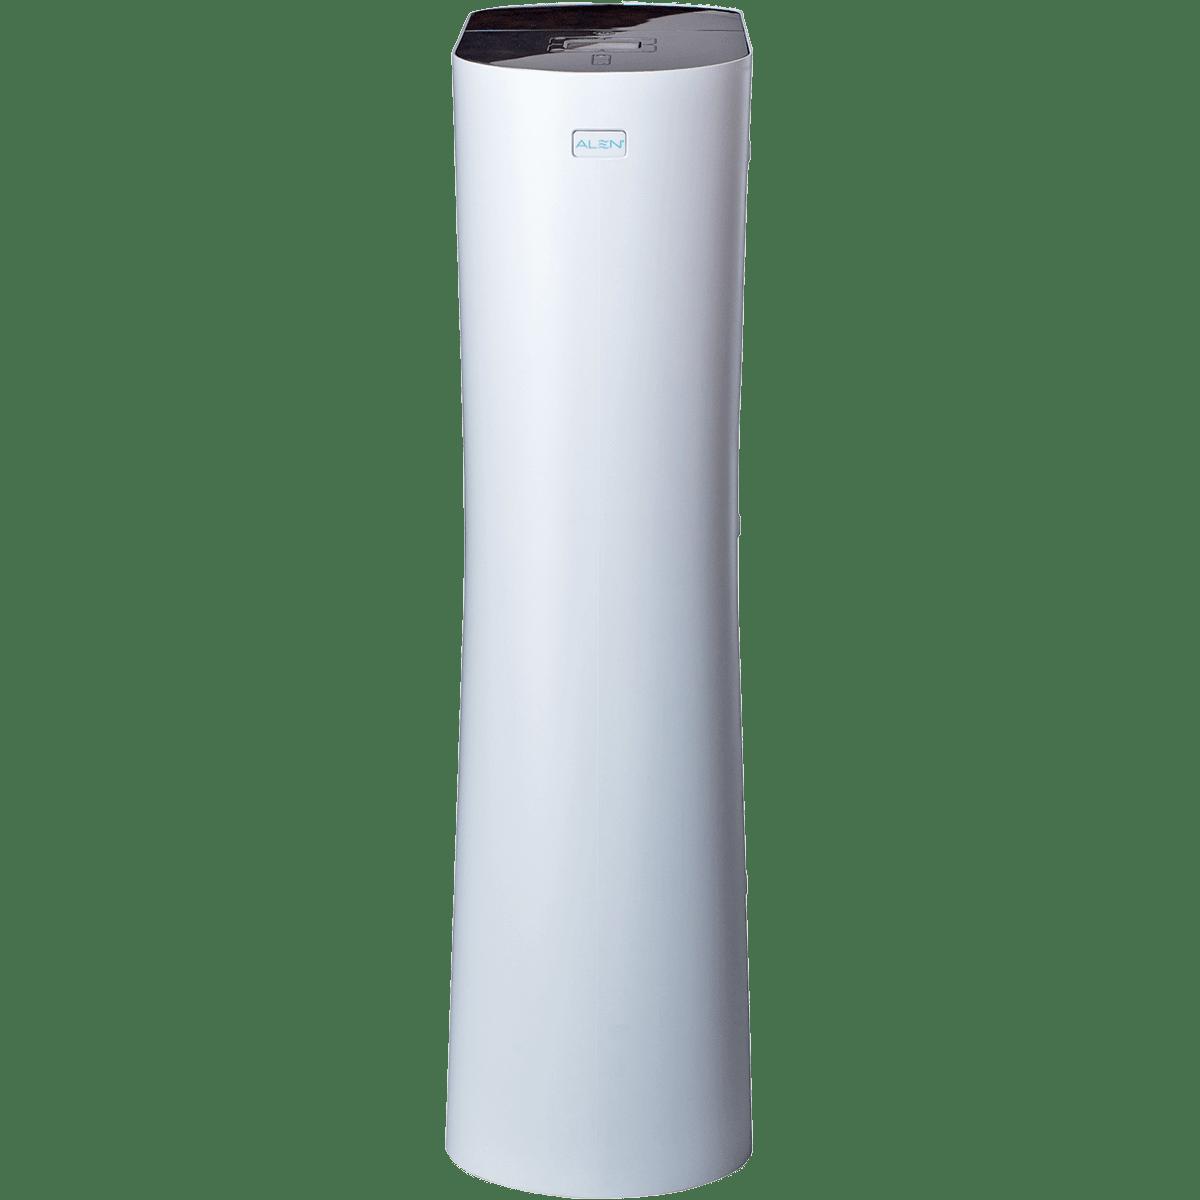 alen paralda hepa air purifier